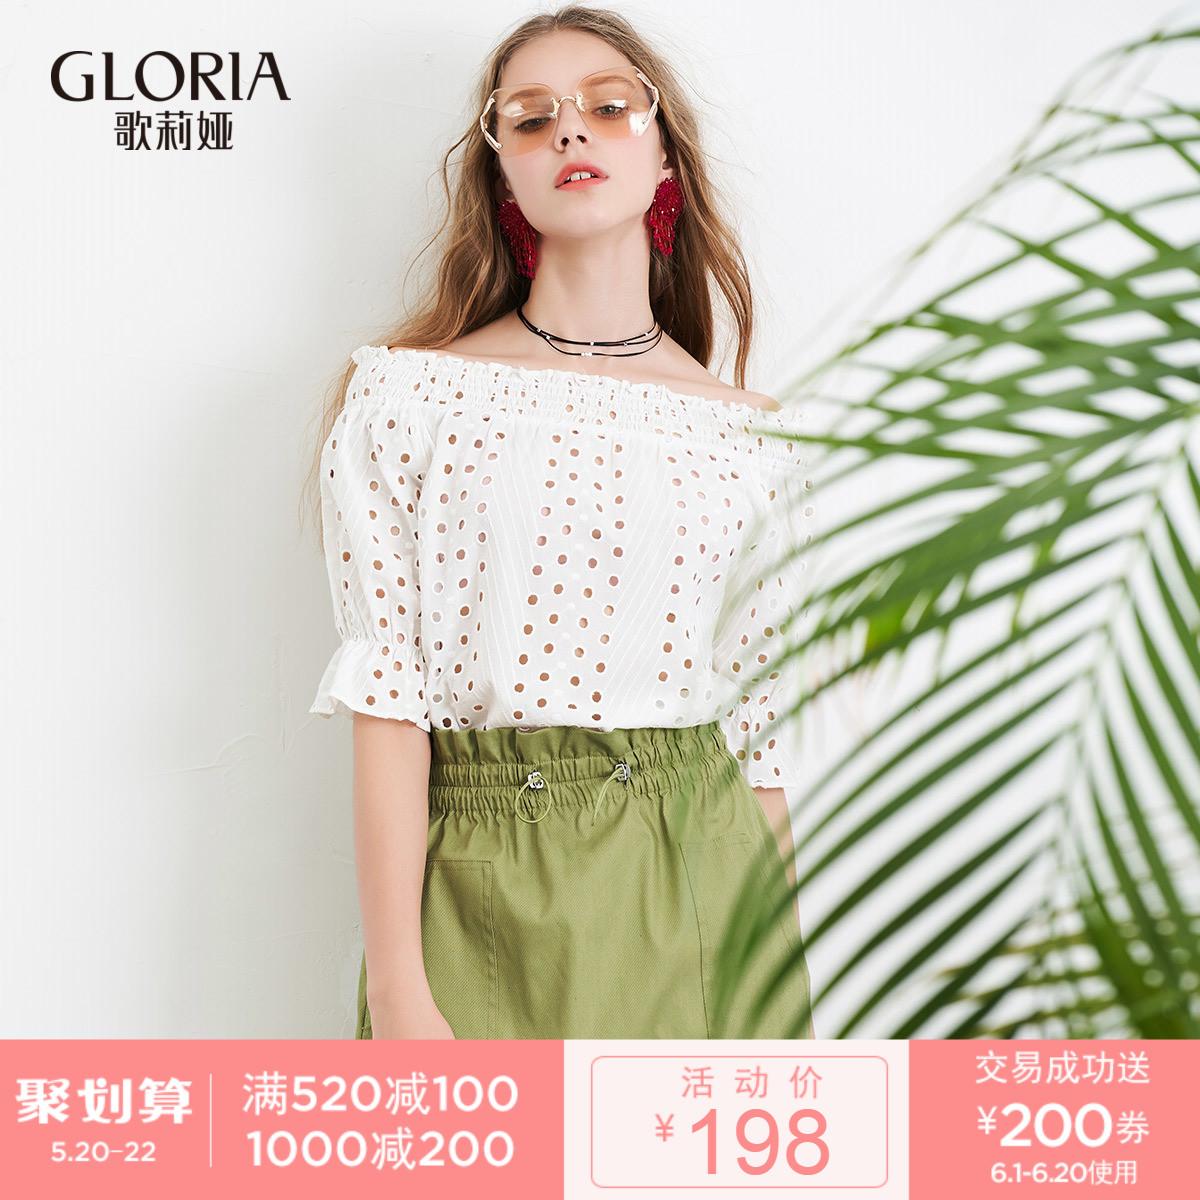 歌莉娅女装 GLORIA歌莉娅女装2018一字肩镂空透气棉布上衣183E3C040_推荐淘宝好看的歌莉娅